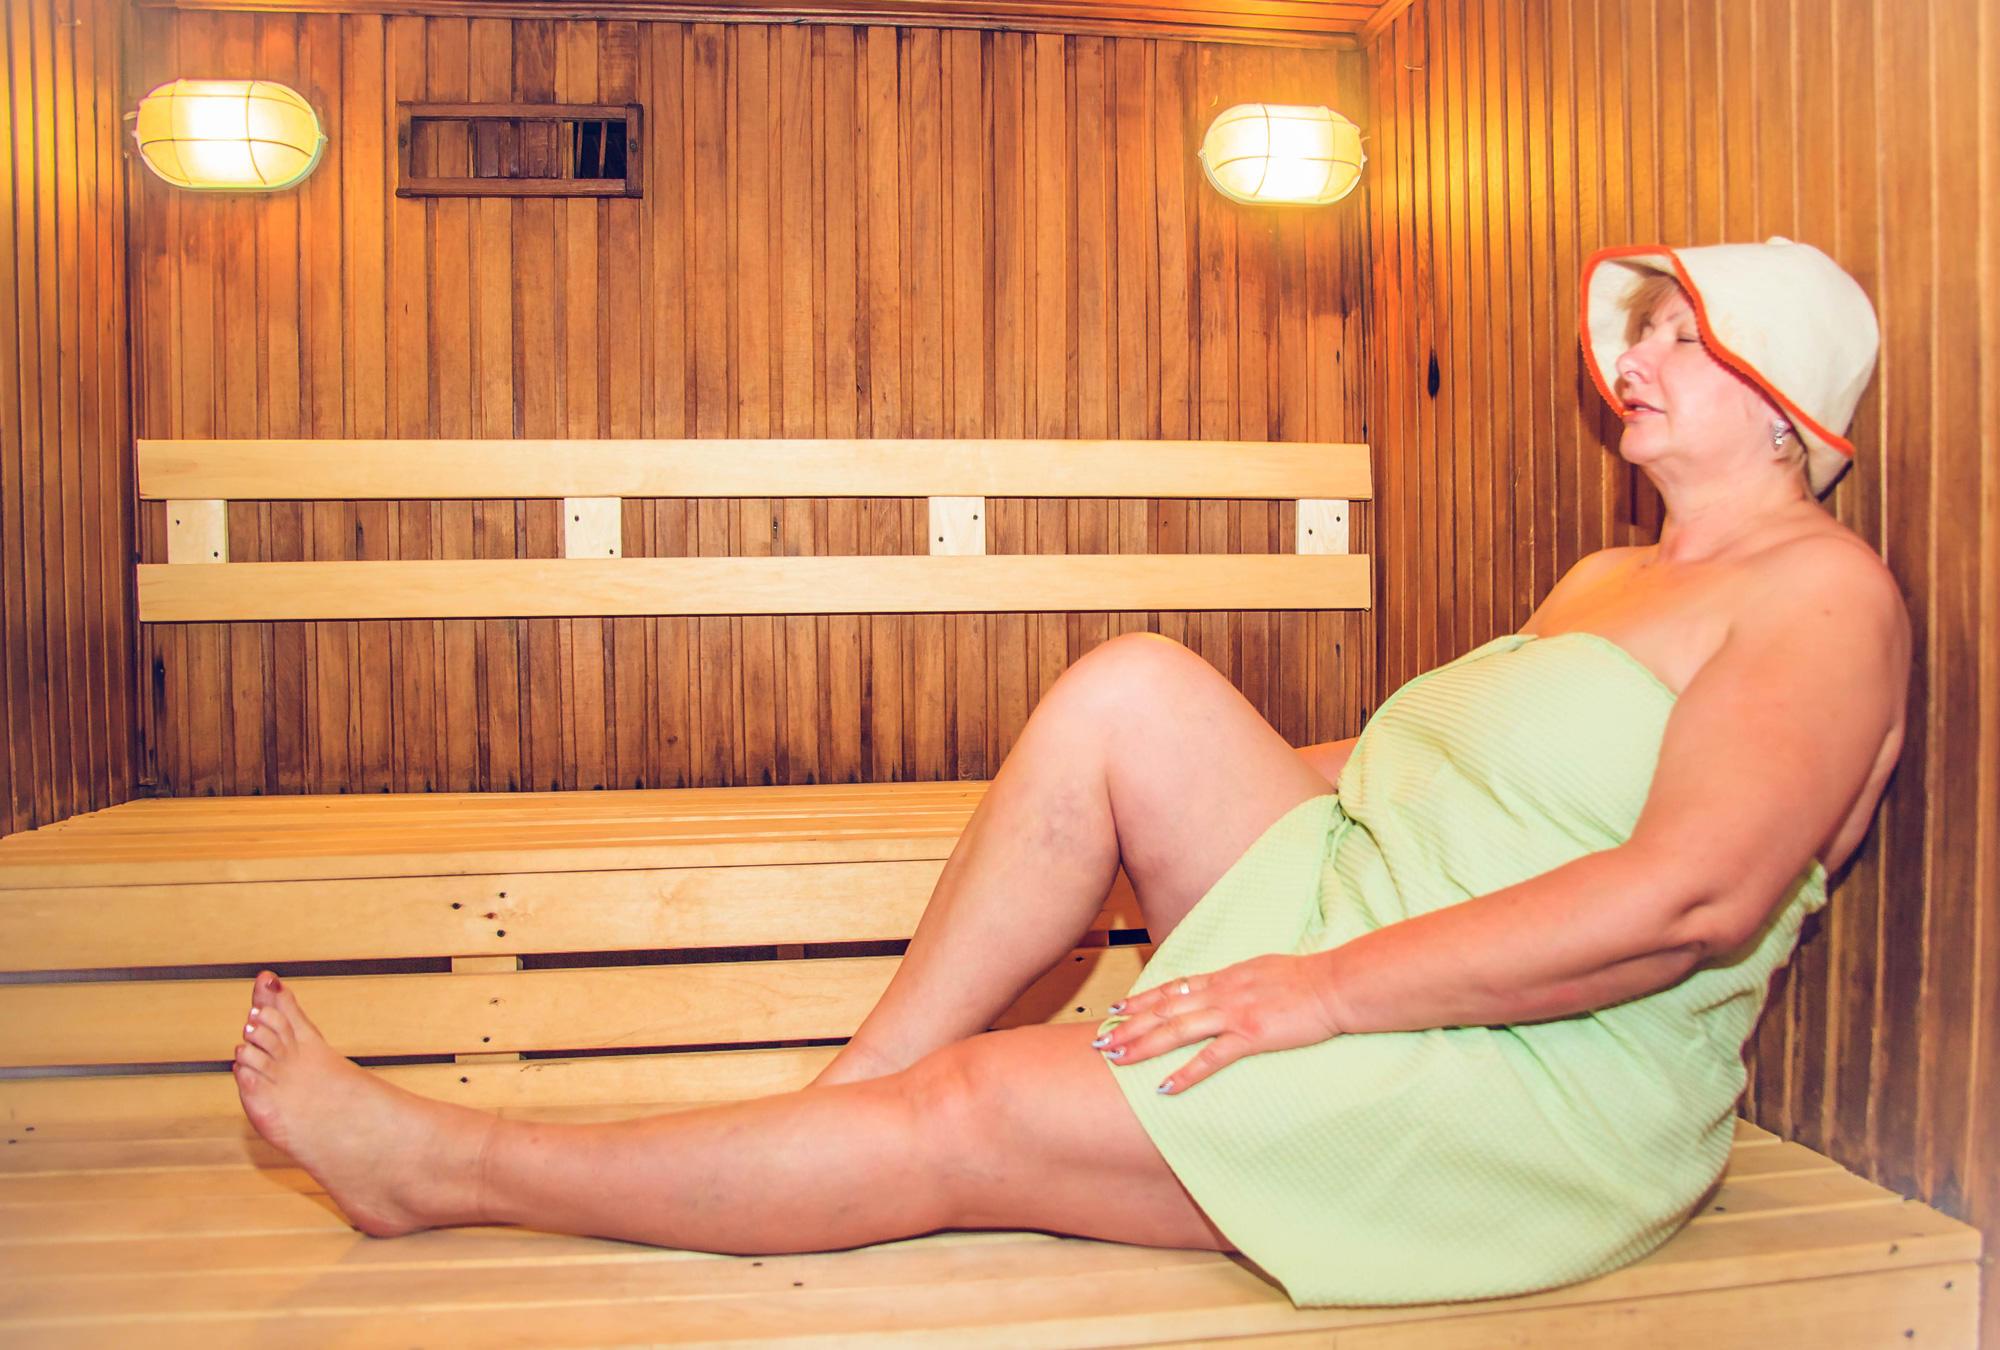 Русская баня онлайн 2 фотография